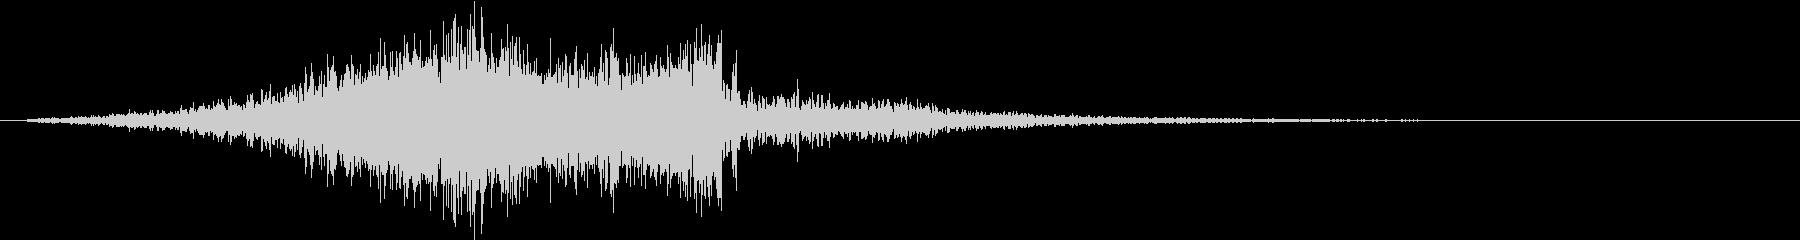 CINEMATIC タイトルロゴ_FXの未再生の波形